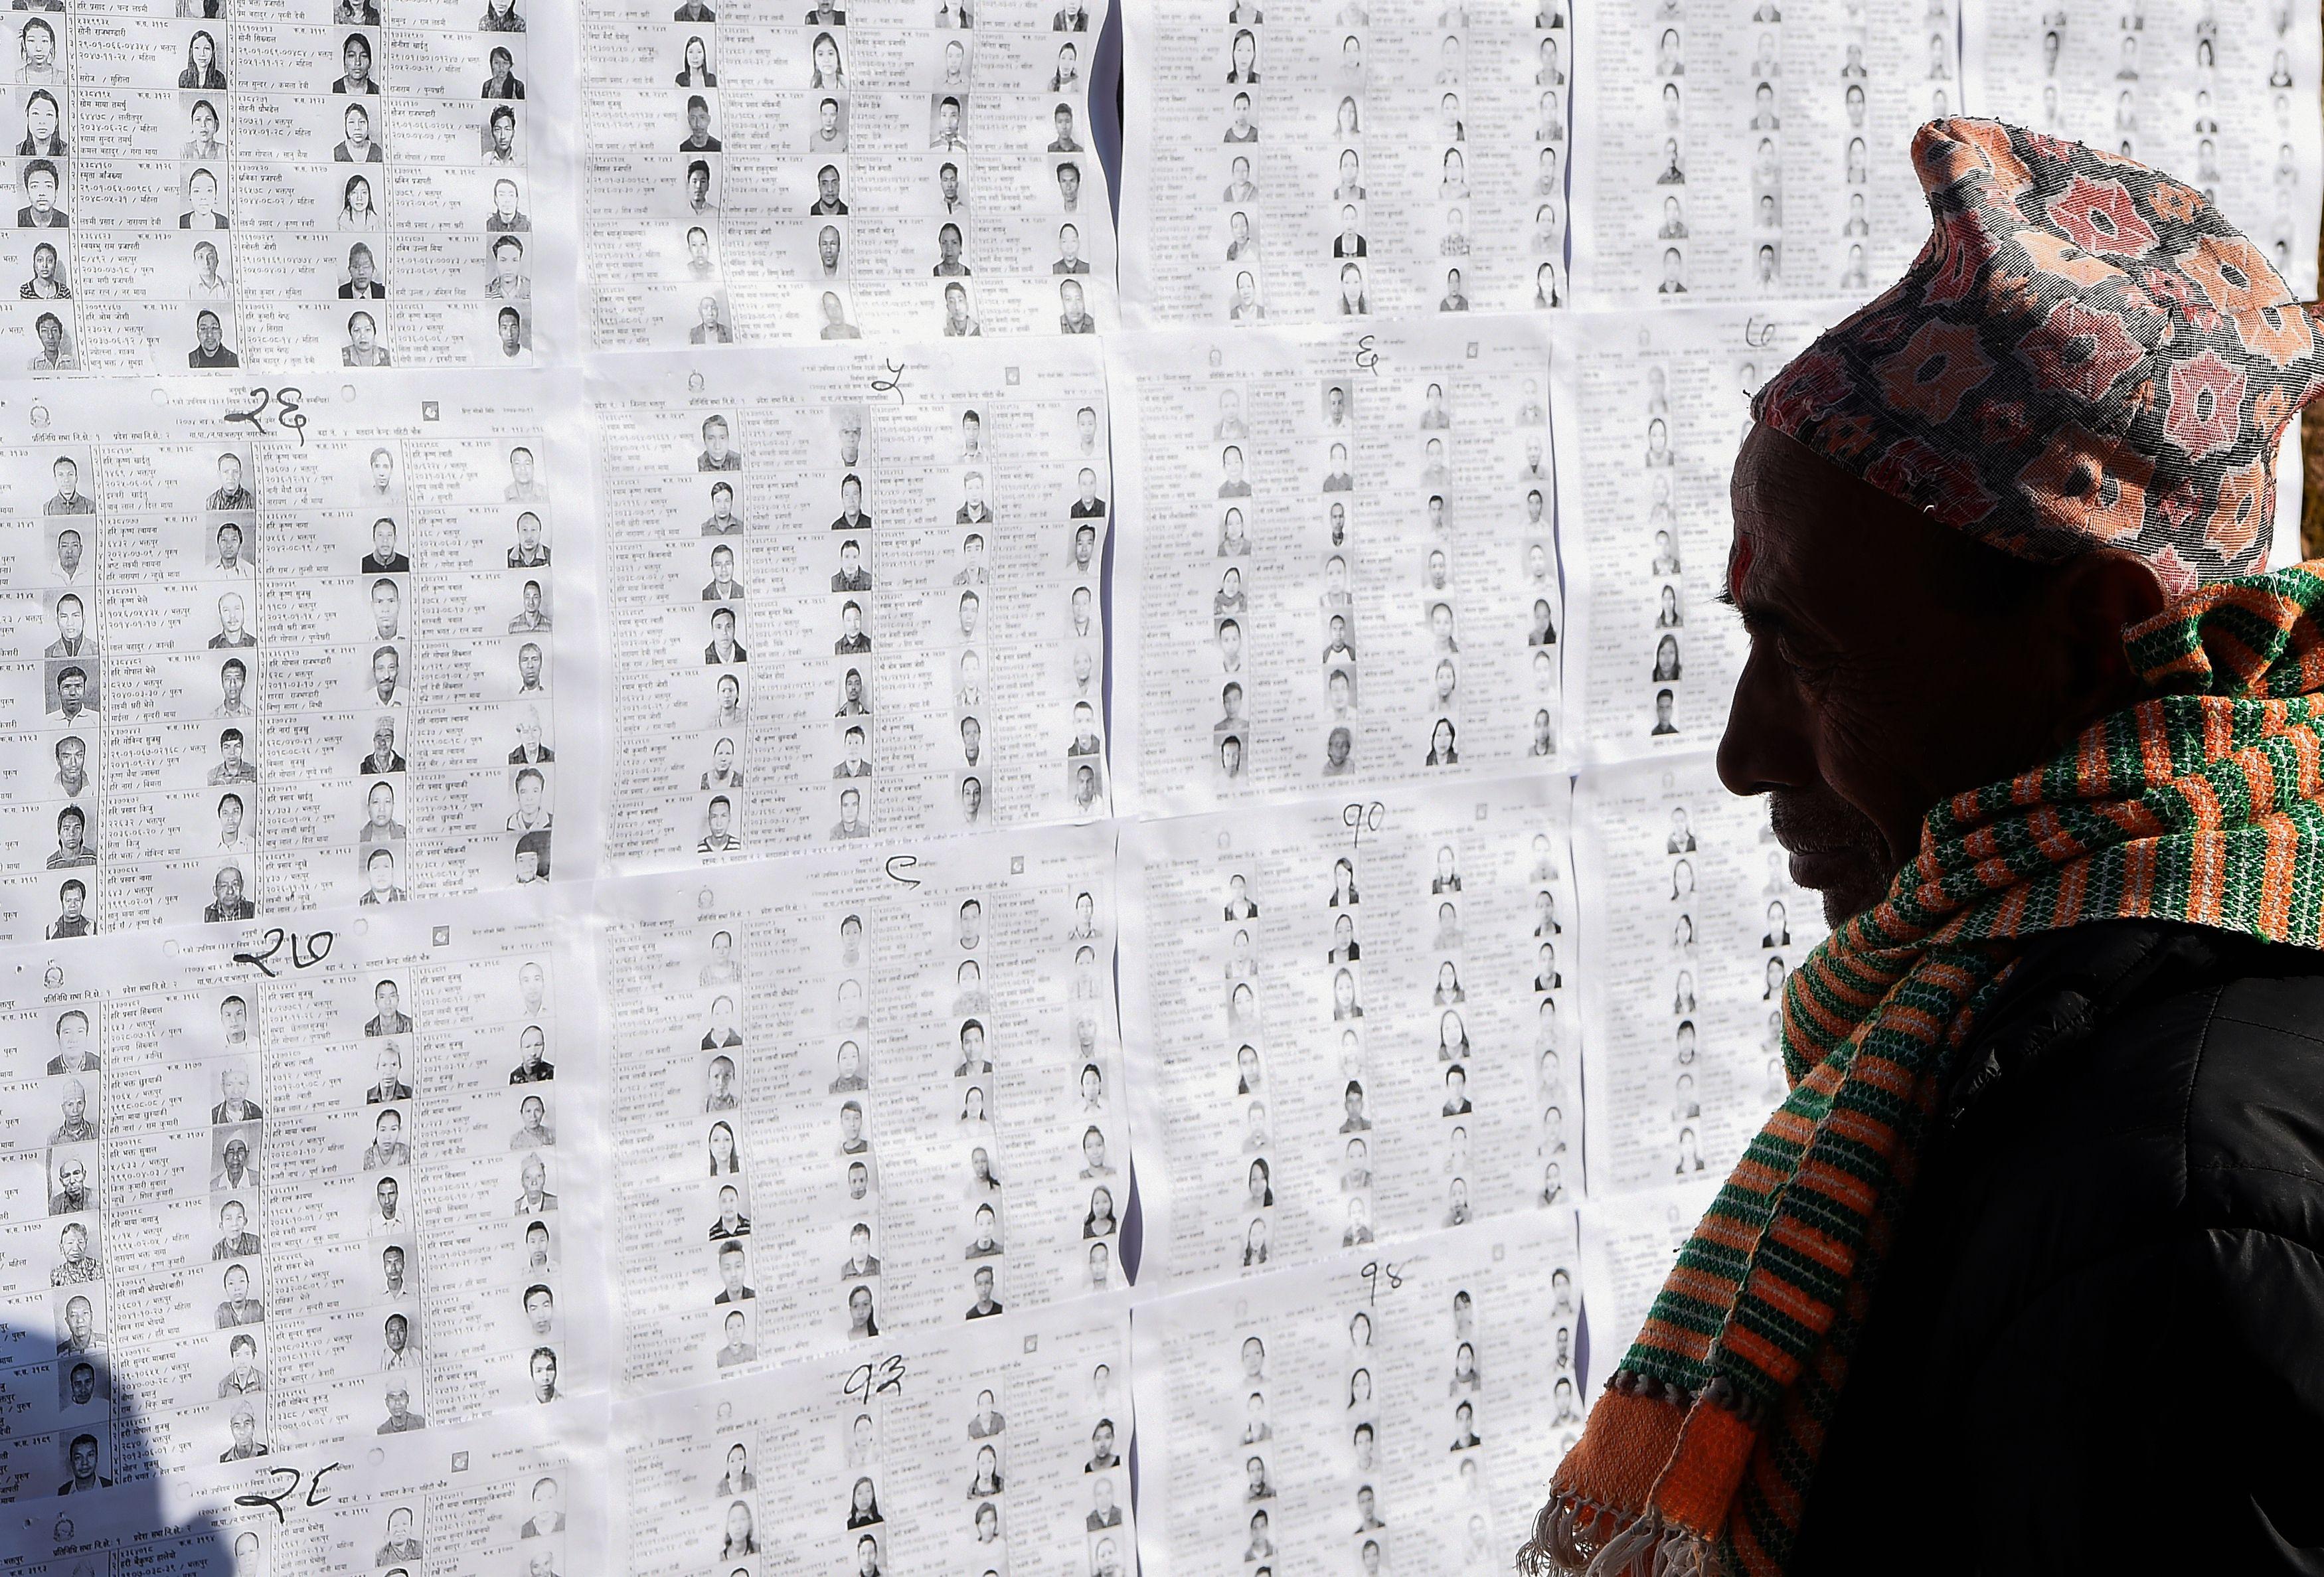 كشوف الناخبين فى نيبال